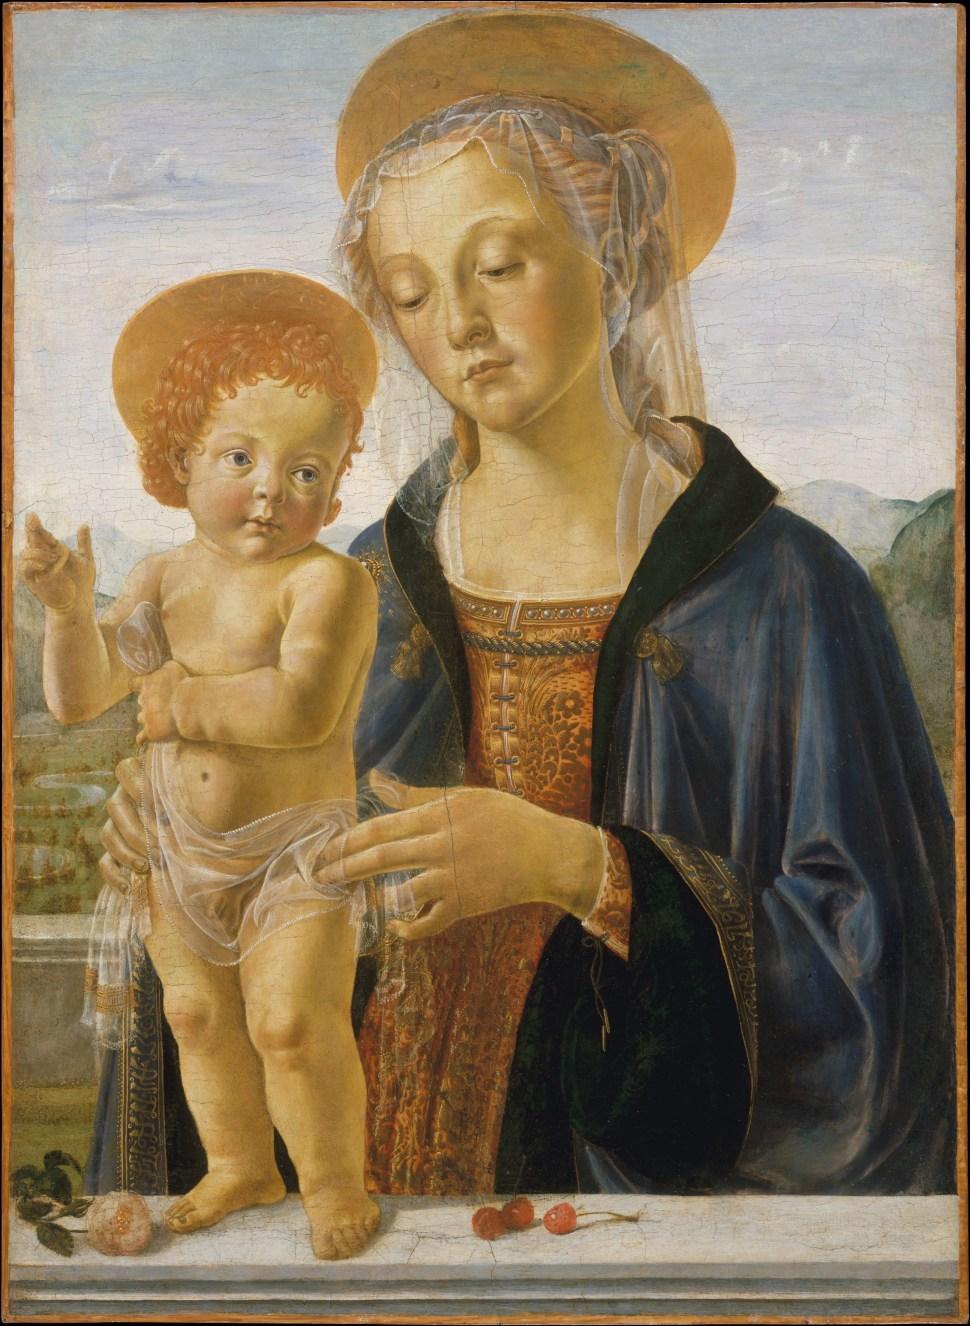 Taller Andrea del Verrocchio. Madonna y niño. Museo Metropolitano, Nueva York